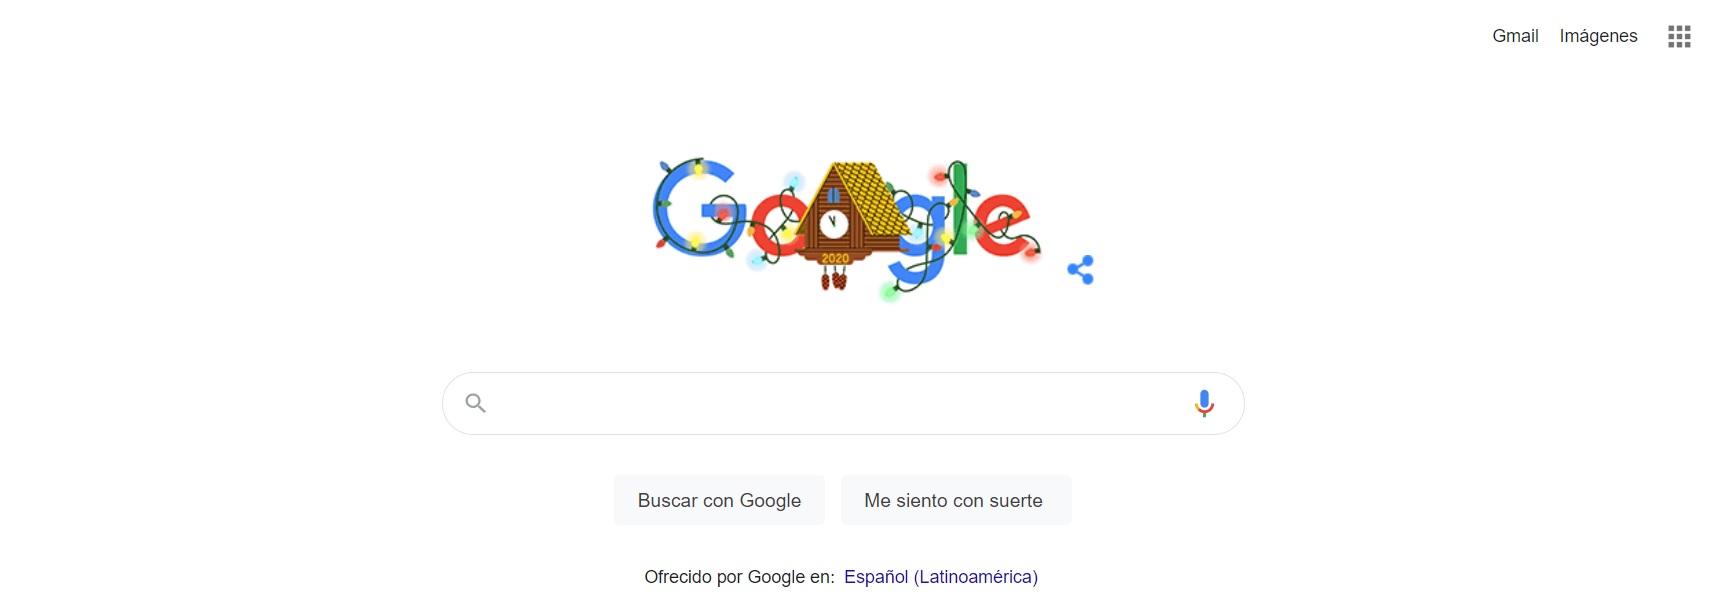 Así es el doodle de Google por Fin de año